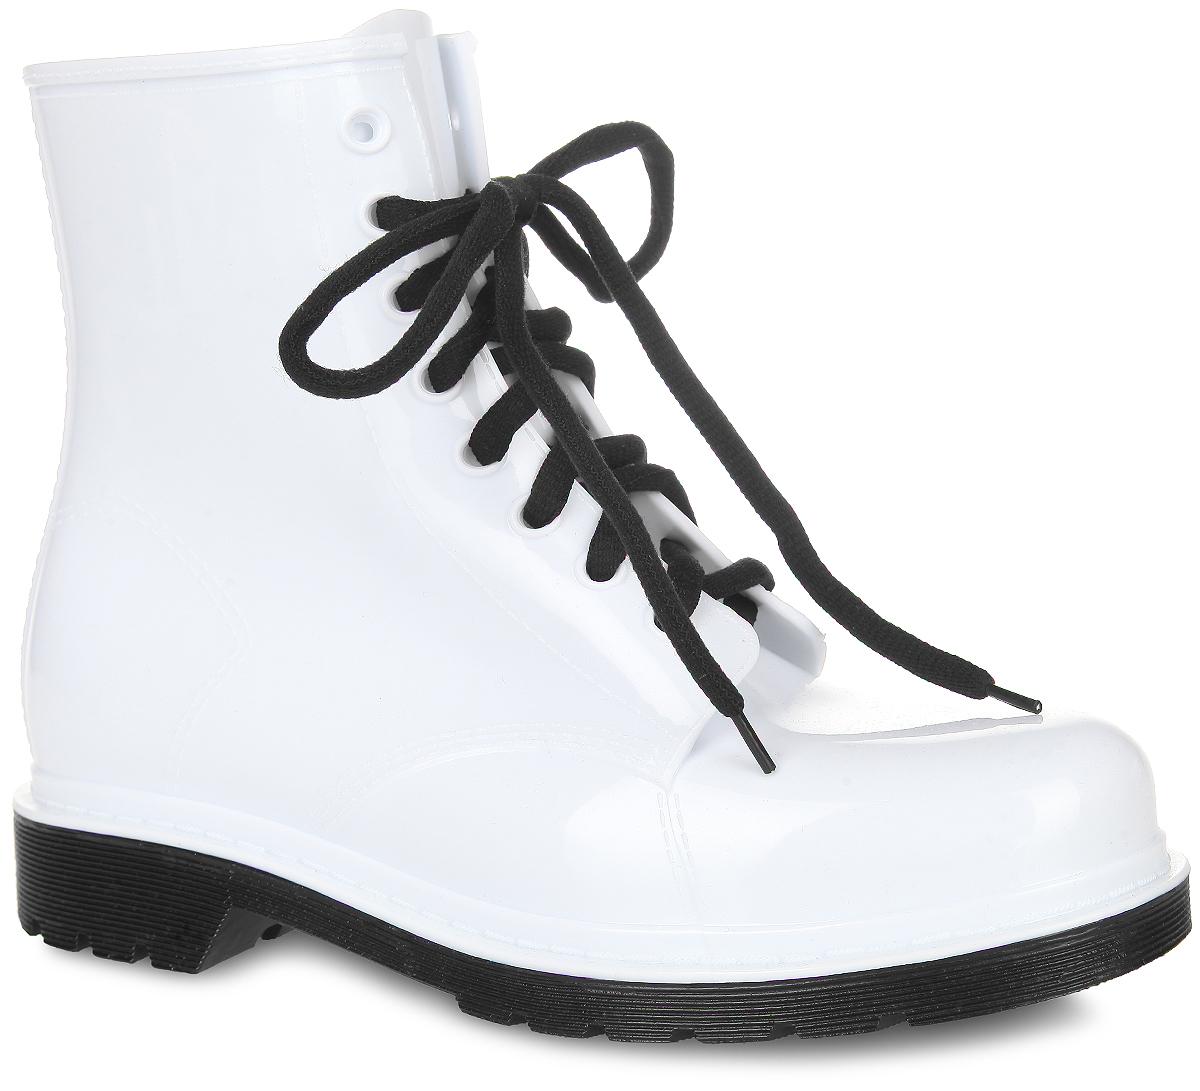 Ботинки резиновые женские. 15478S-115478S-1-4TСтильные женские ботинки от Cooper, выполненные из ПВХ, придутся вам по душе. Шнуровка надежно зафиксирует изделие на ноге. Съемная стелька EVA с текстильной поверхностью комфортна при движении. Протектор на подошве и на каблуке обеспечивает отличное сцепление на любой поверхности. В таких ботинках вашим ногам будет сухо и комфортно. Они поднимут вам настроение в любую, даже самую ненастную погоду!